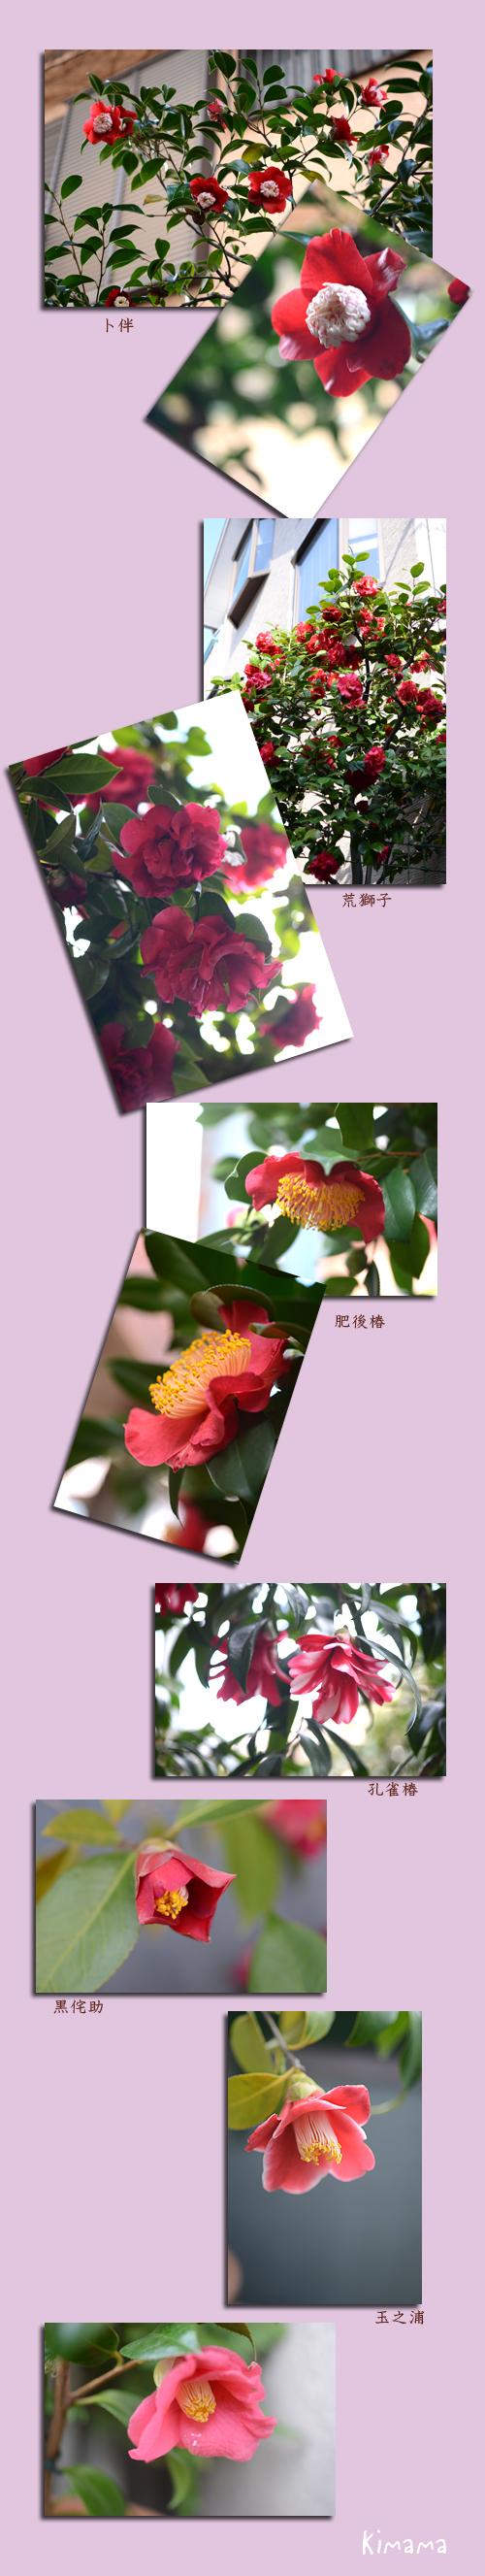 3月27日庭の花2